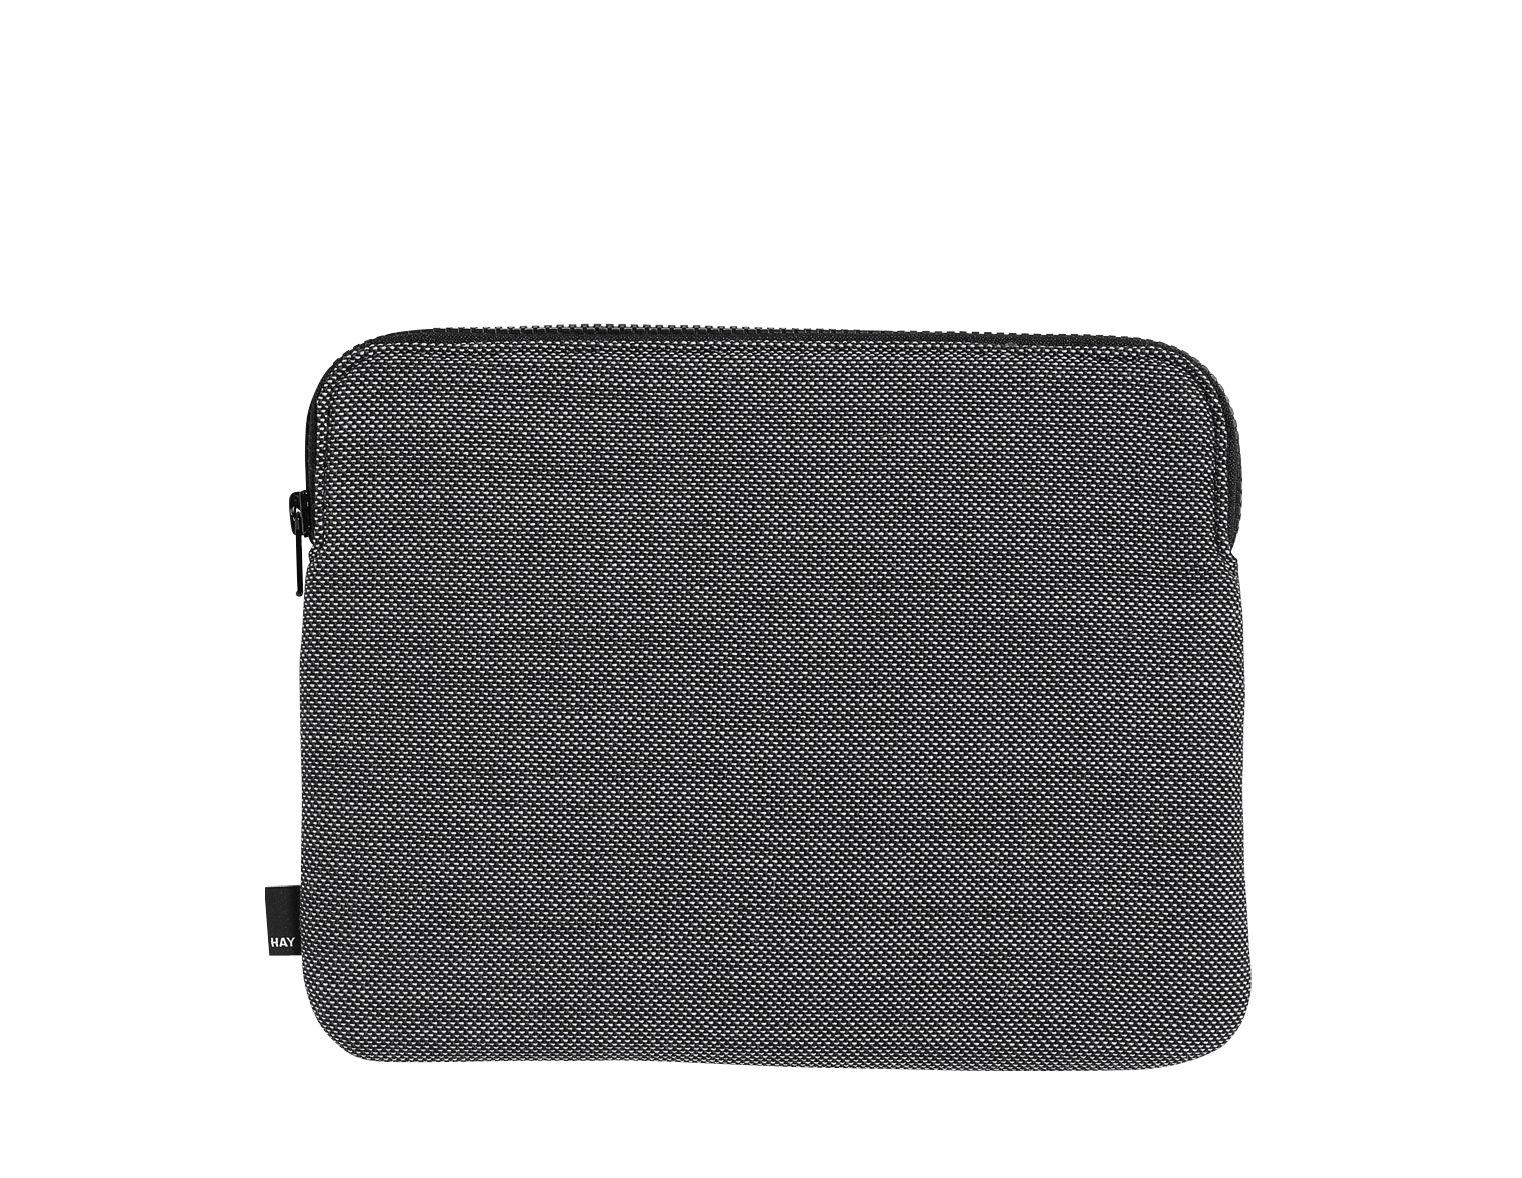 Accessoires - Réveils et radios - Housse pour tablette Henry / L 27 x H 21 cm - Hay - Gris foncé - Laine, Nylon